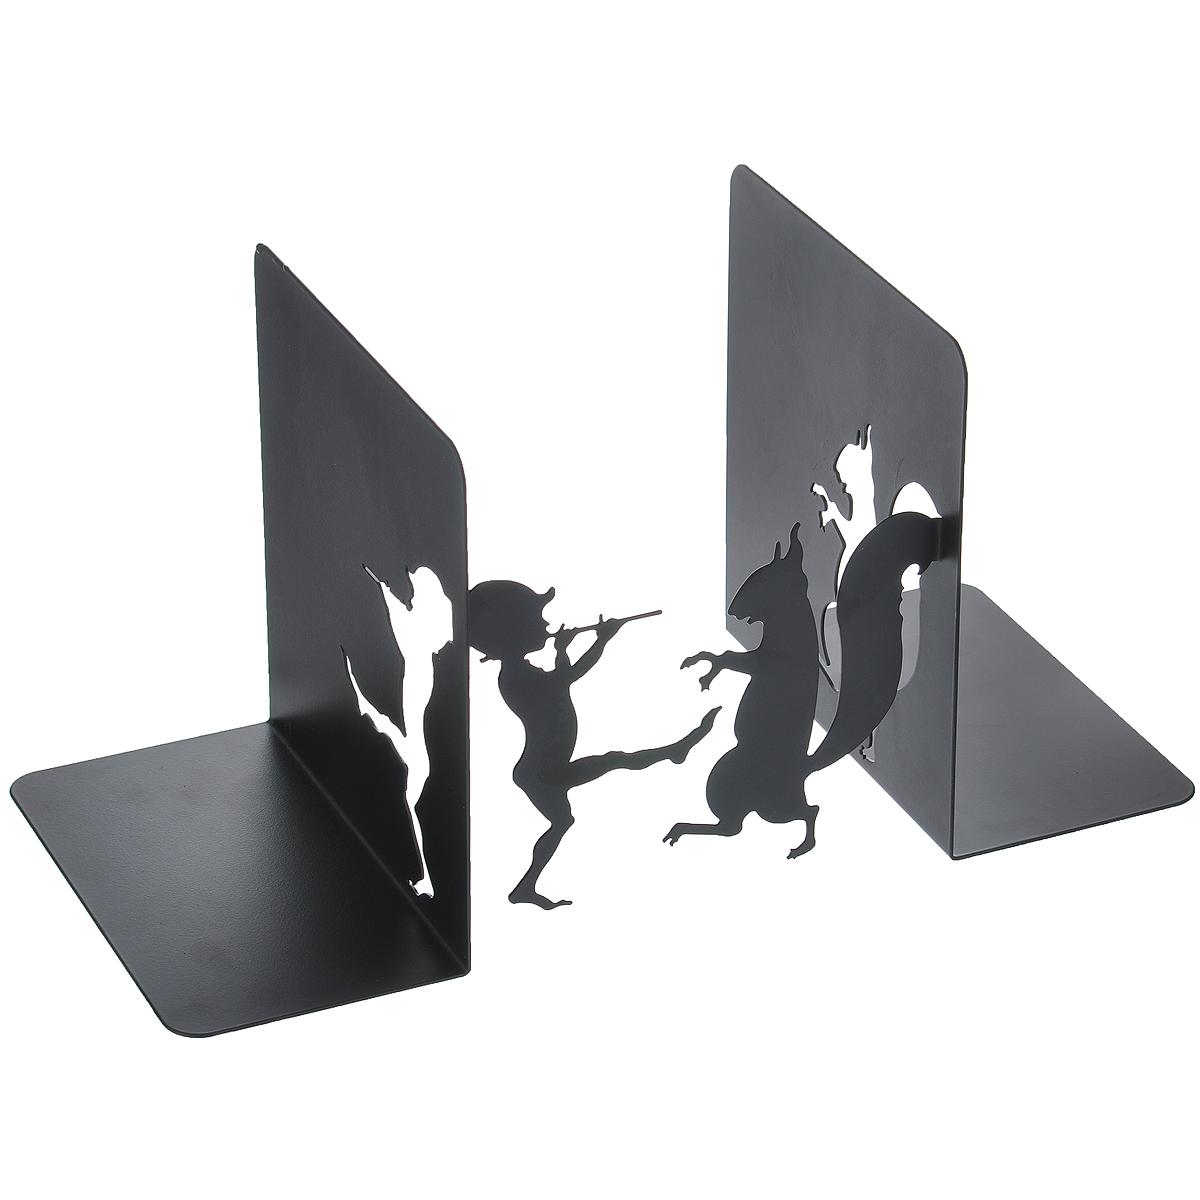 Подставка-ограничитель для книг Белка и мальчик, 2 шт47022Подставка-ограничитель для книг Белка и мальчик состоит из частей, выполненных из металла, с помощью которых можно подпирать книги с двух сторон. Изделия оформлены декоративными фигурками в виде мальчика и белки. Между подставками можно поместить неограниченное количество книг. Подставка-ограничитель для книг Белка и мальчик - это не только держатель для книг, но и интересный элемент декора, который ярко дополнит интерьер помещения. Размер одной части : 14 см х 15 см х 16 см.Комплектация: 2 шт.